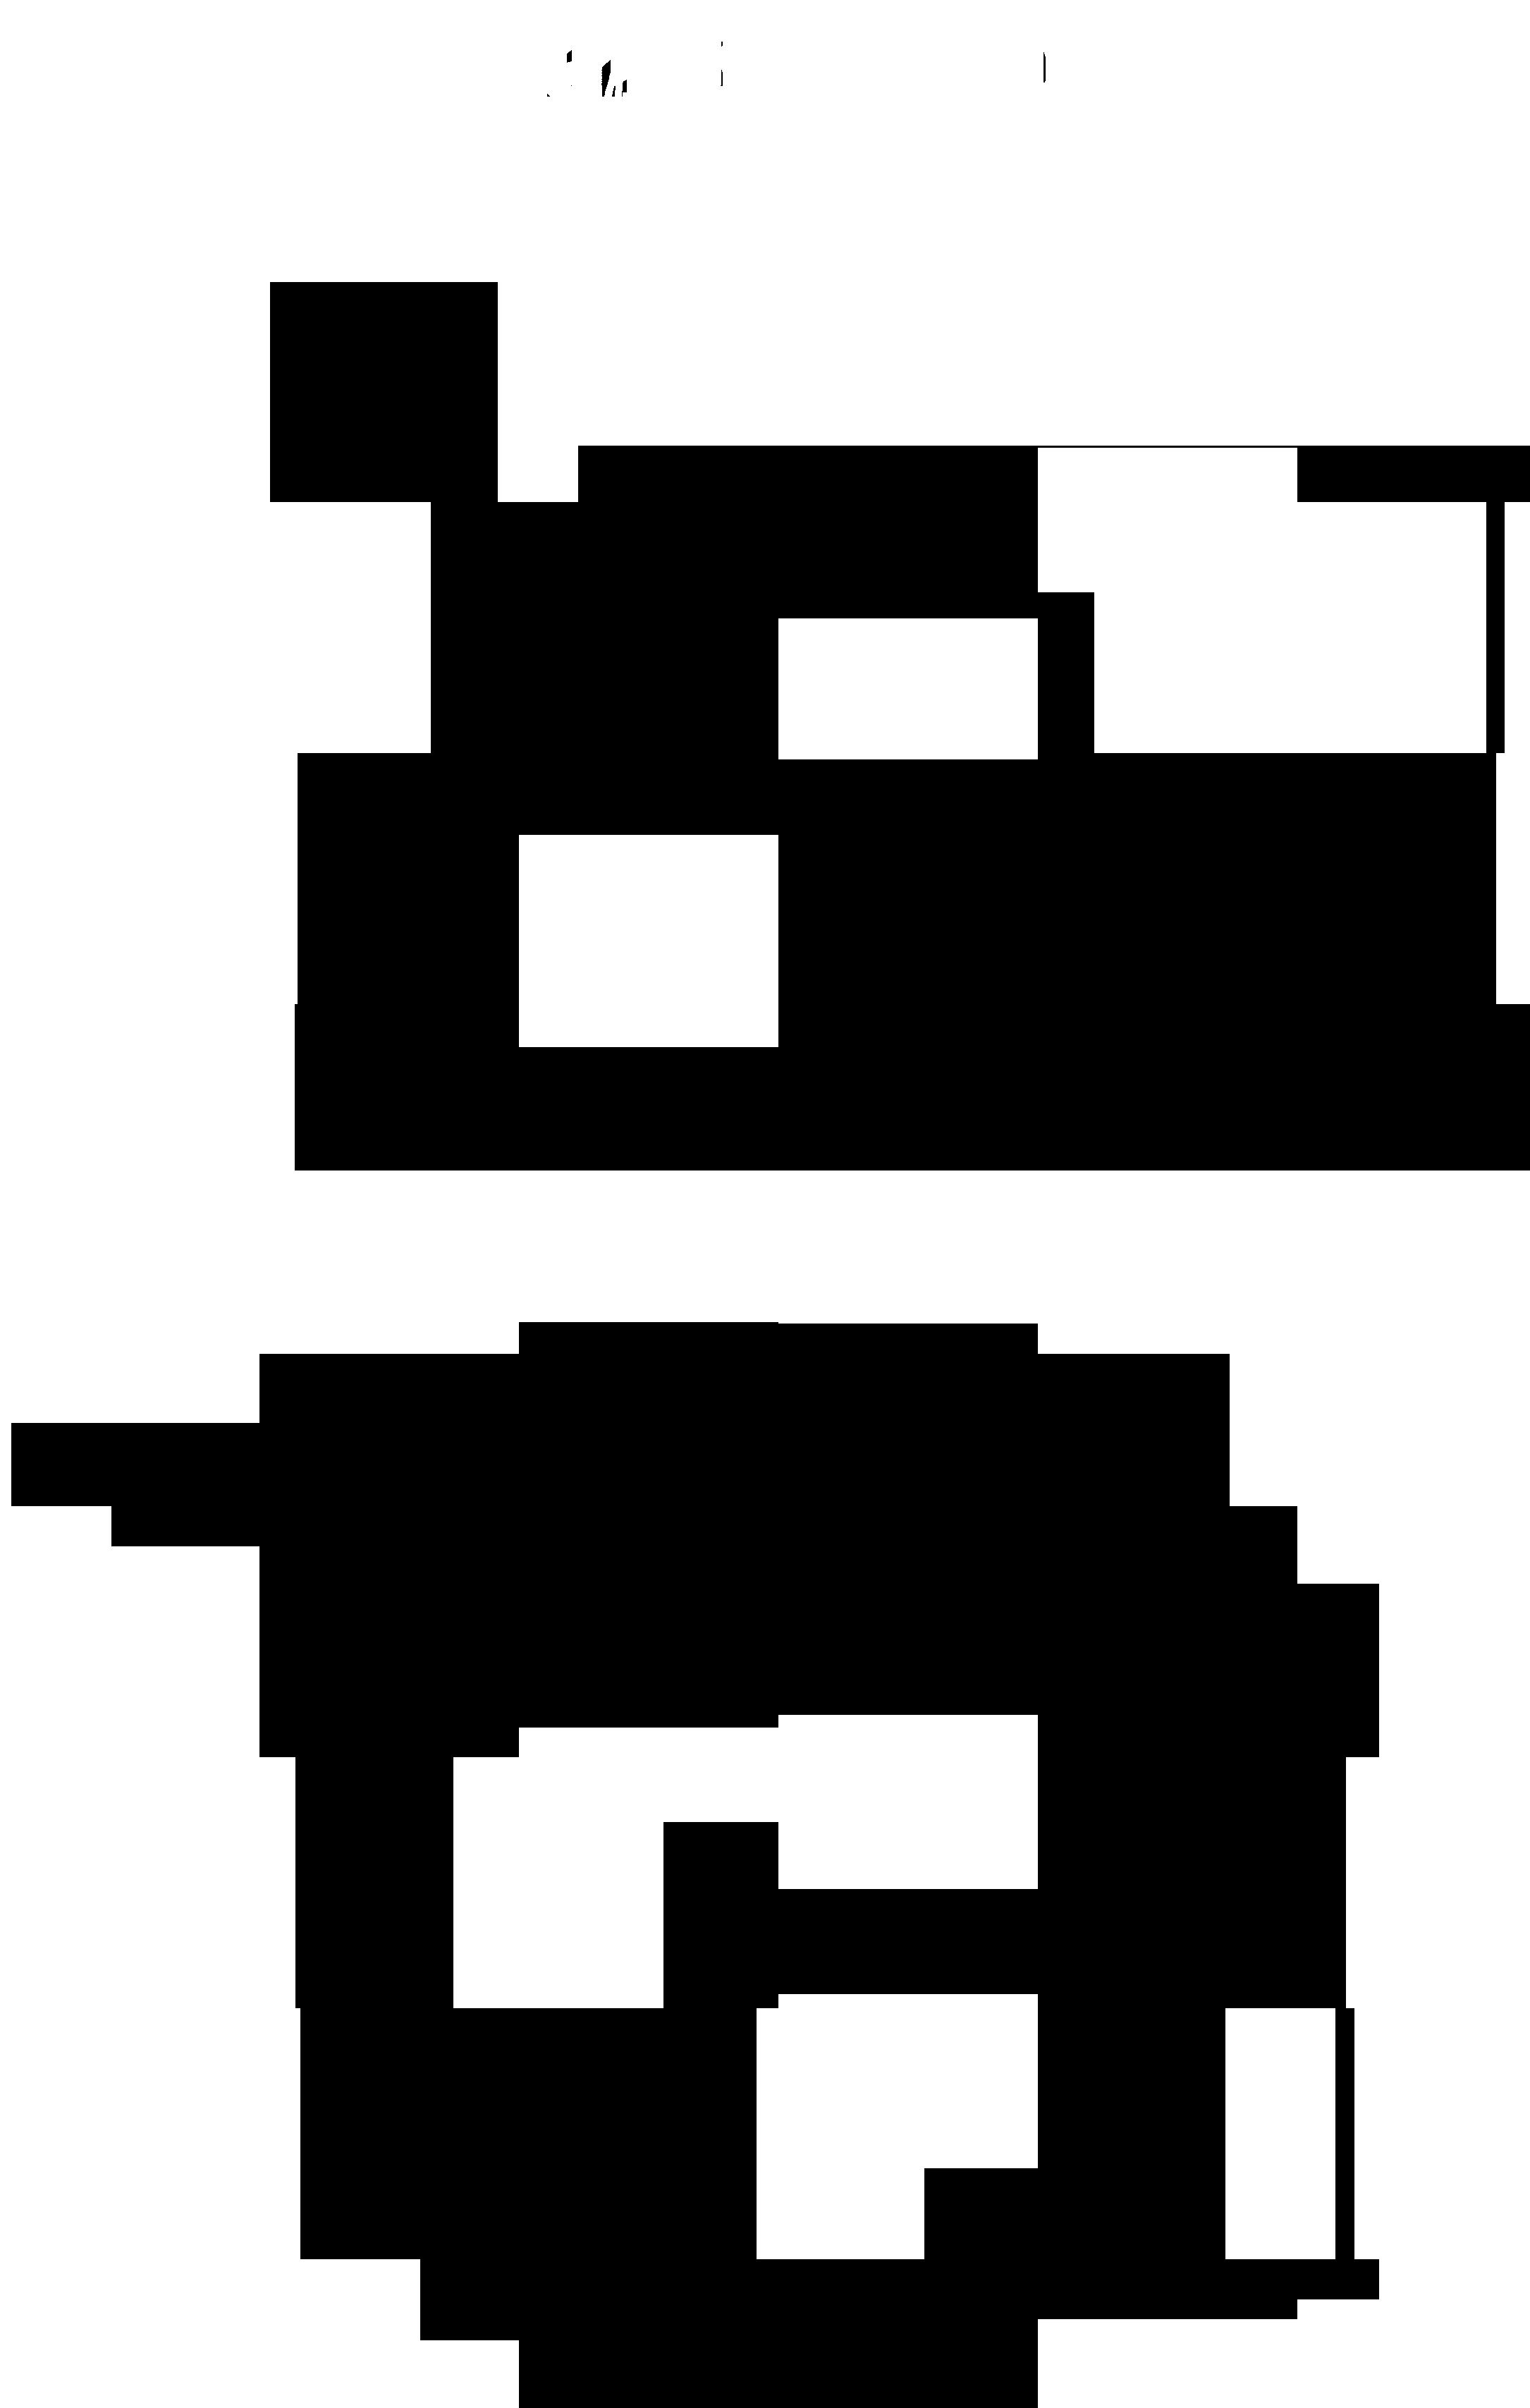 Tca-200VD01.png